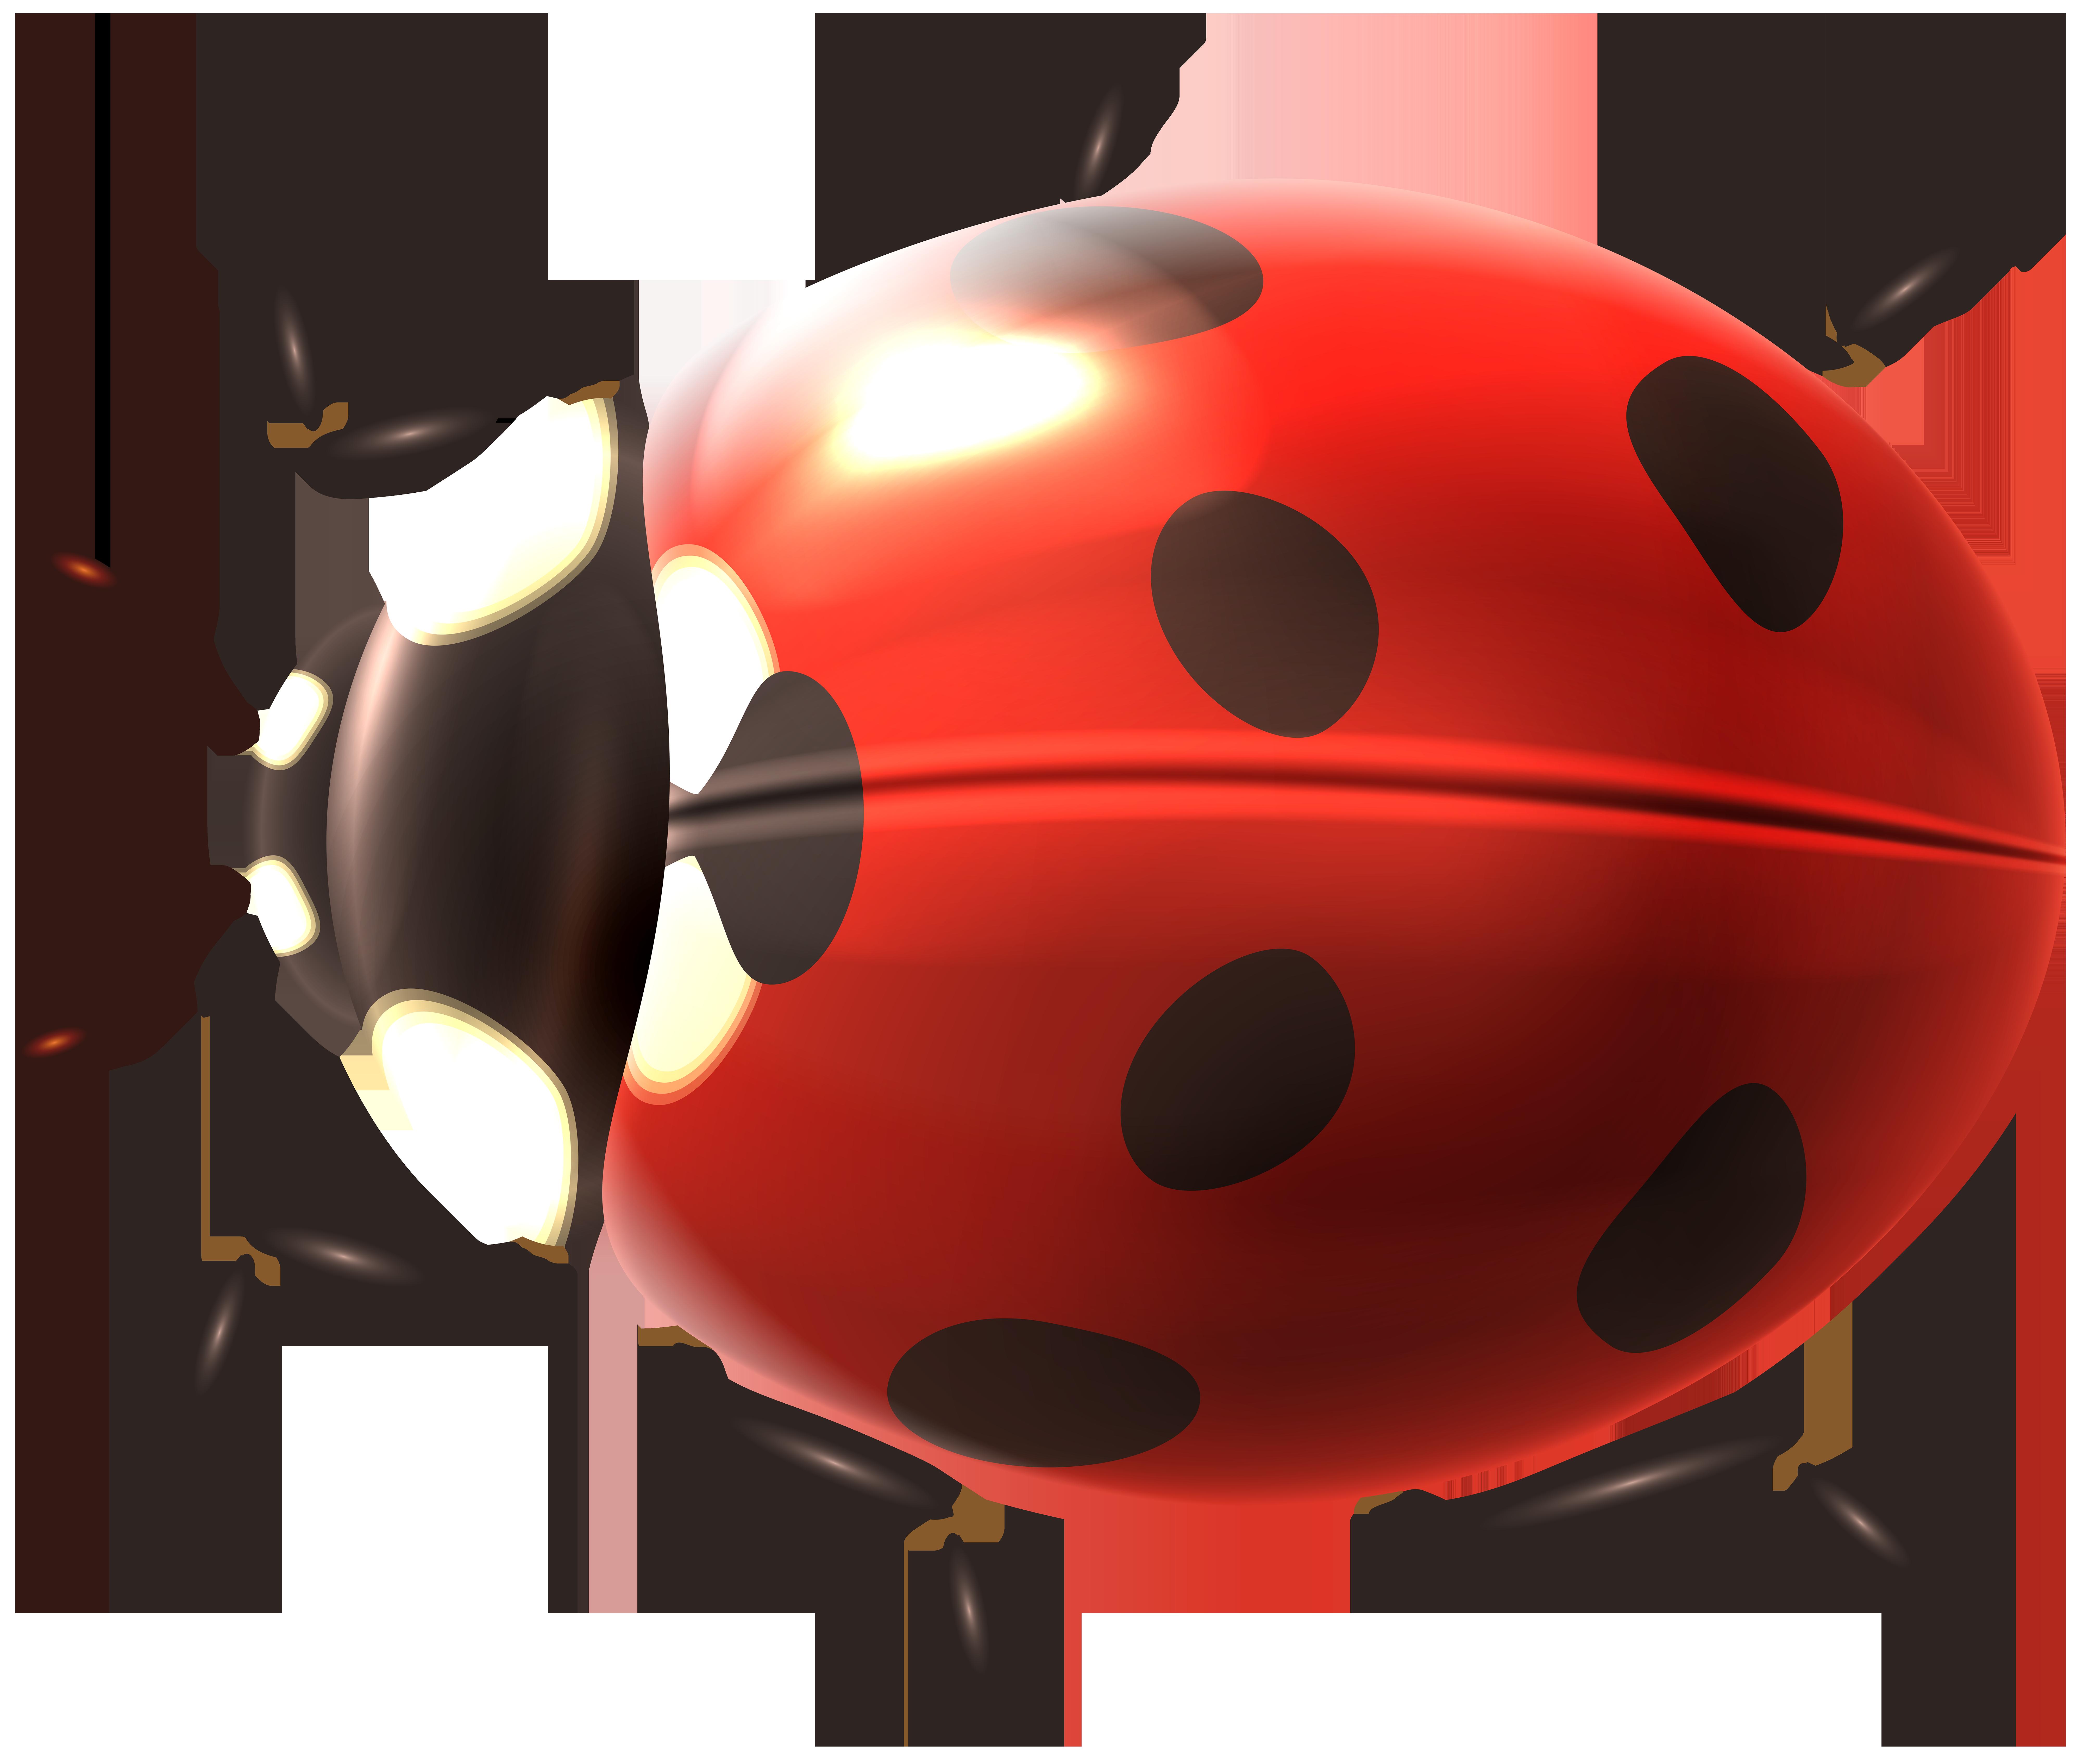 svg royalty free download Png clip art image. Ladybug transparent